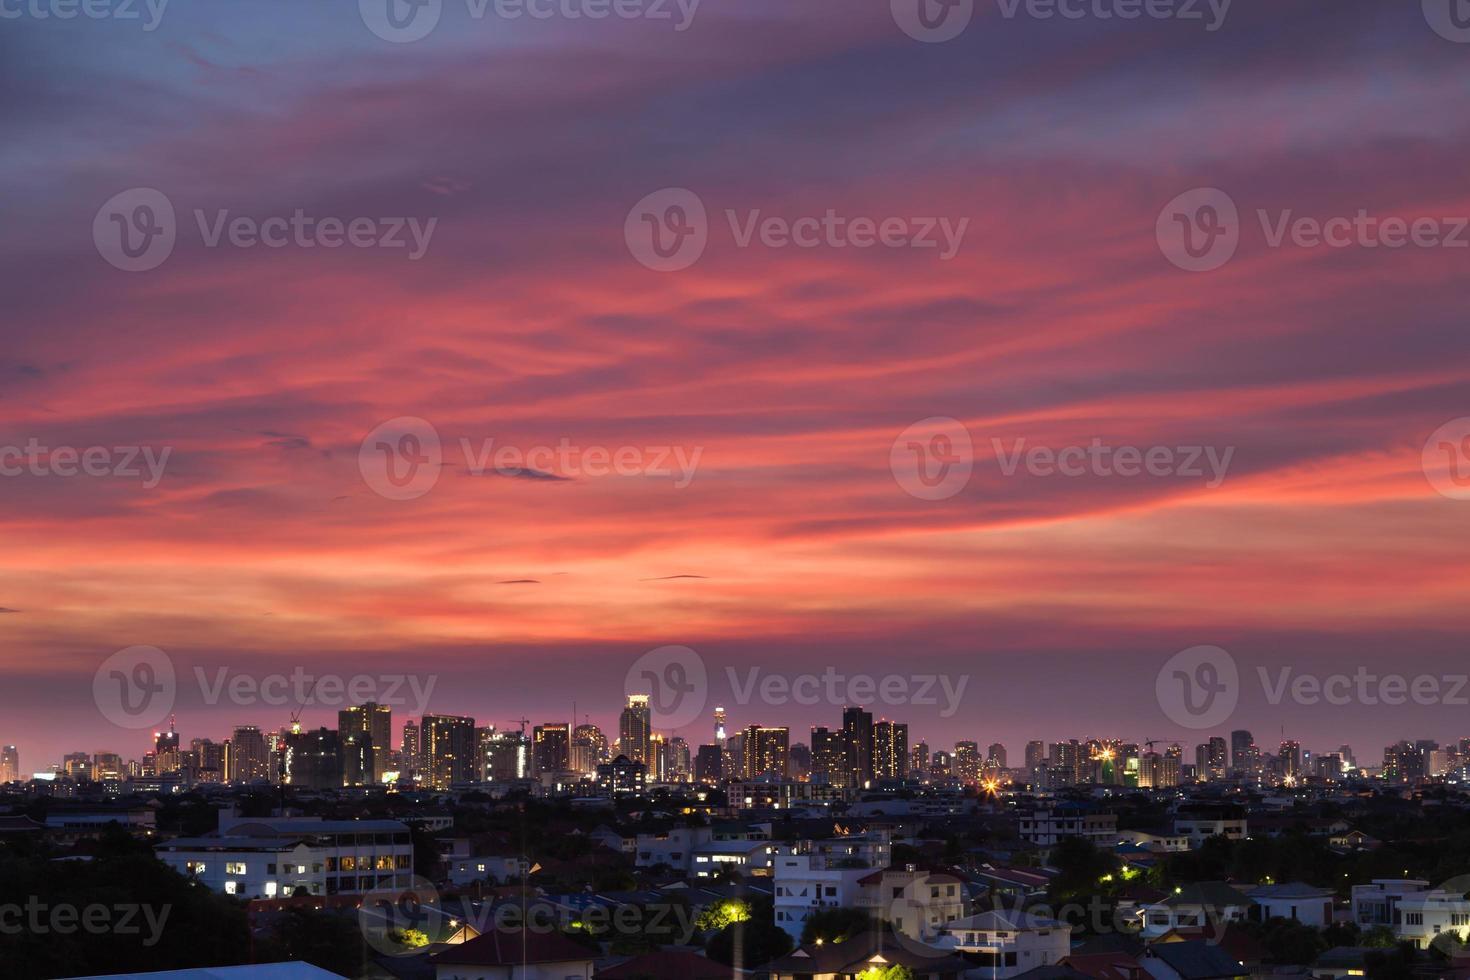 nuvole rosa sopra una città al tramonto foto